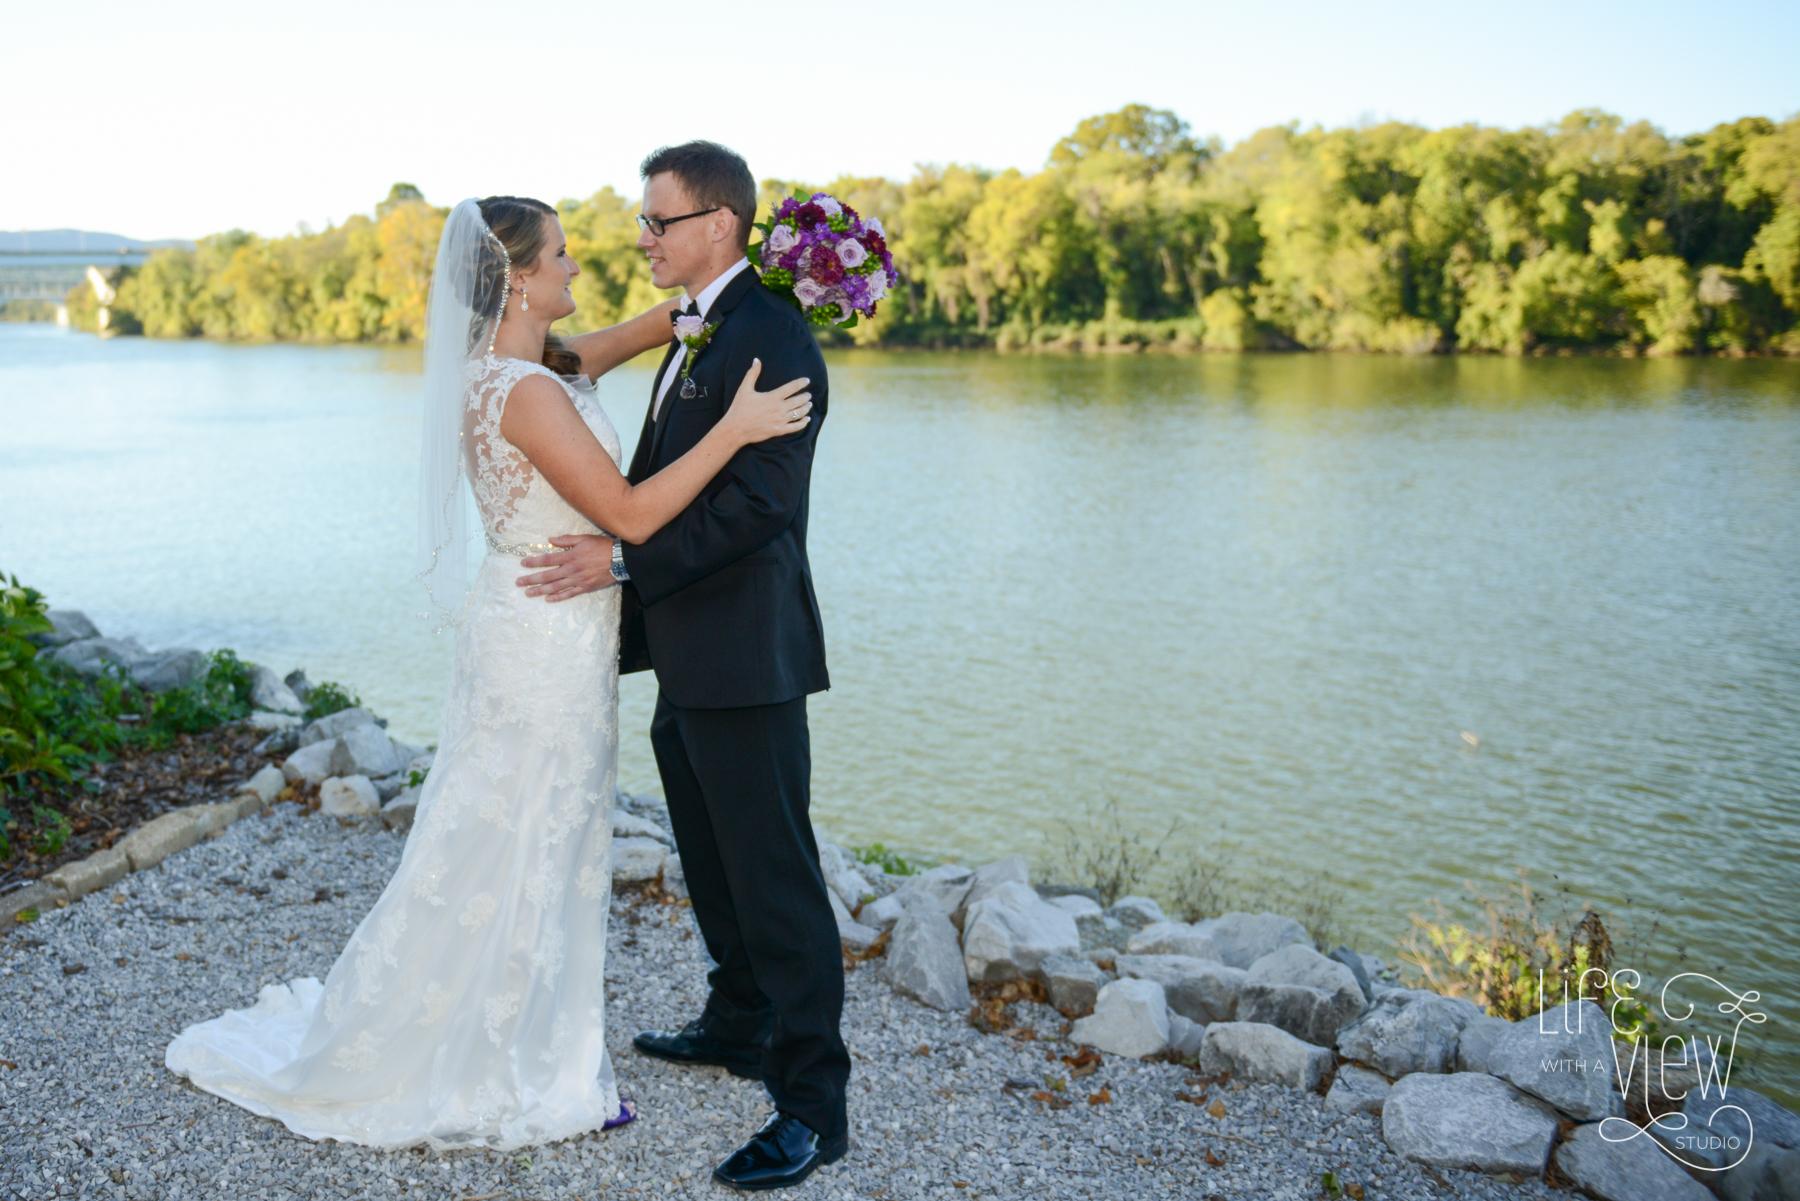 Manker-Patten-Wedding-36.jpg